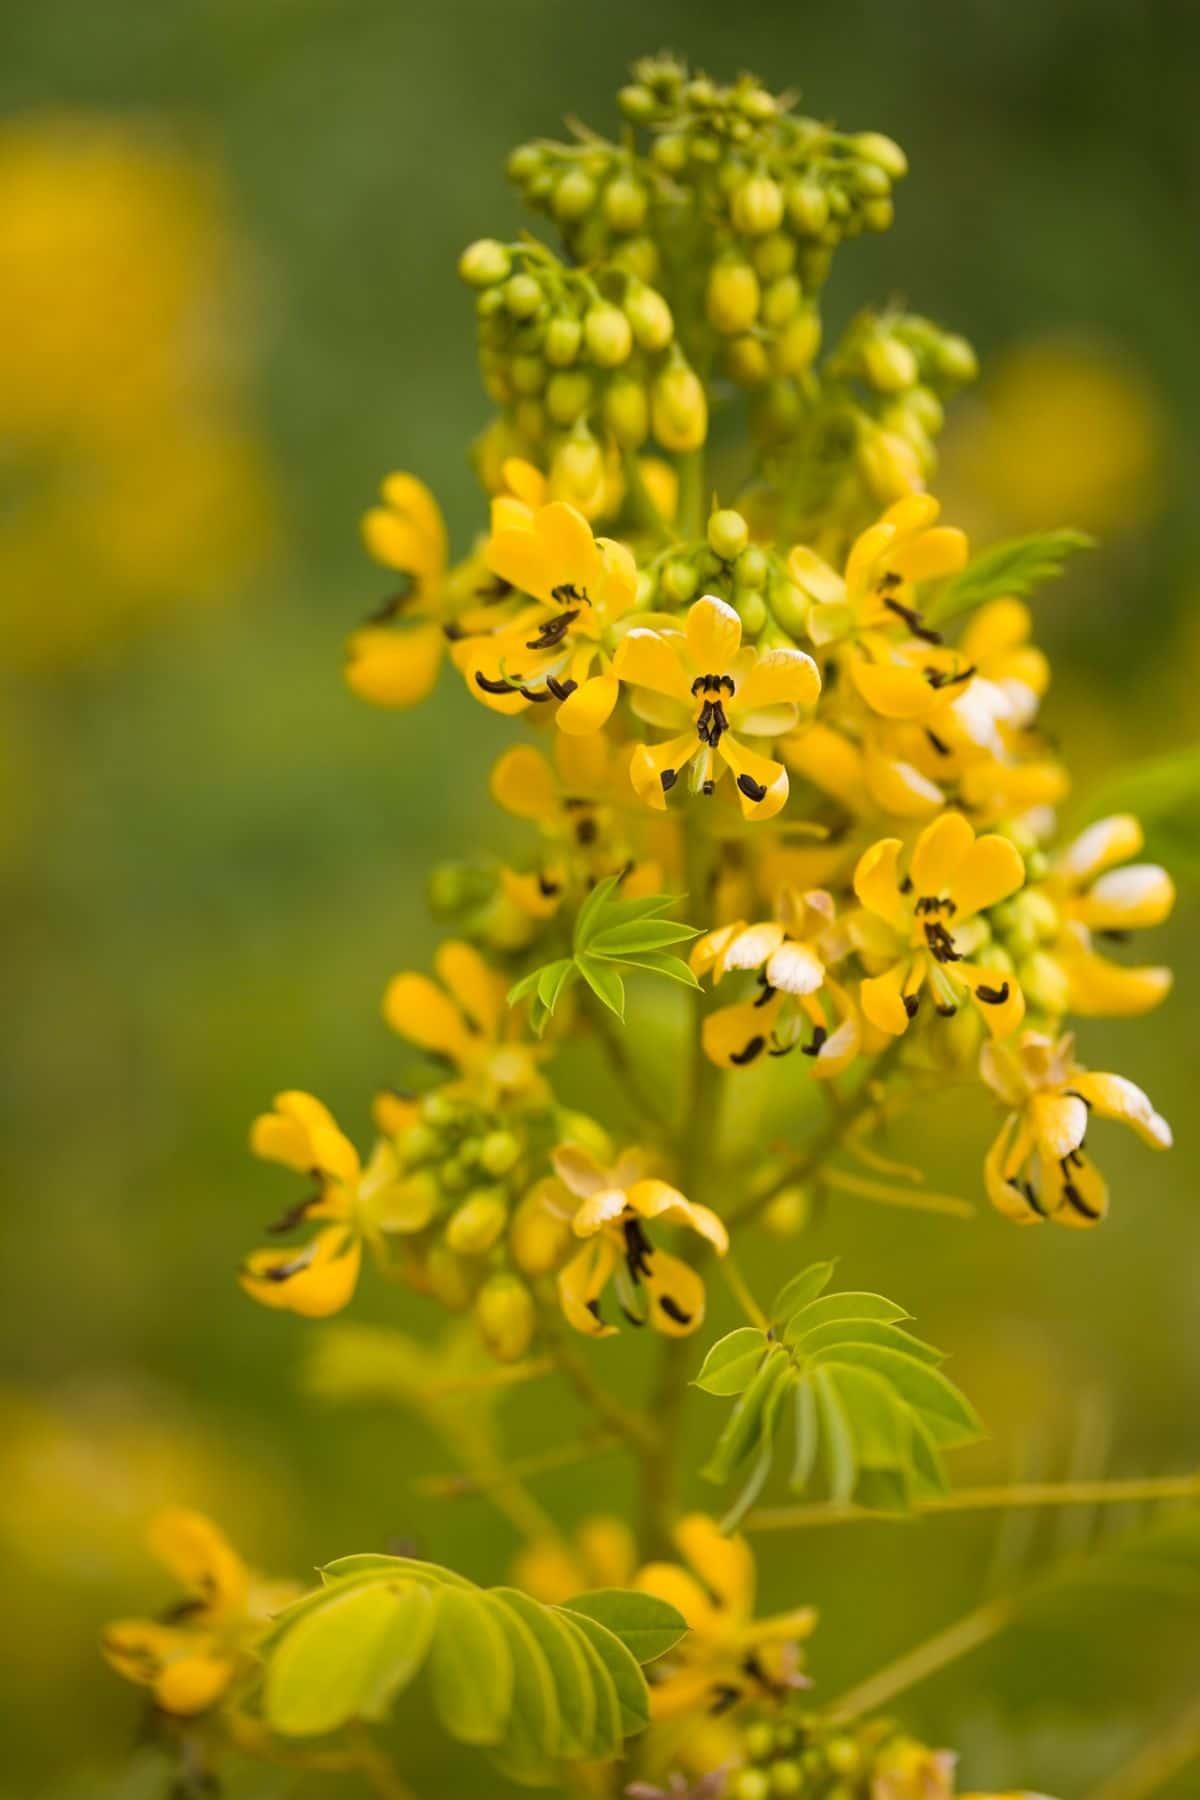 yellow senna lindheimeriana flower